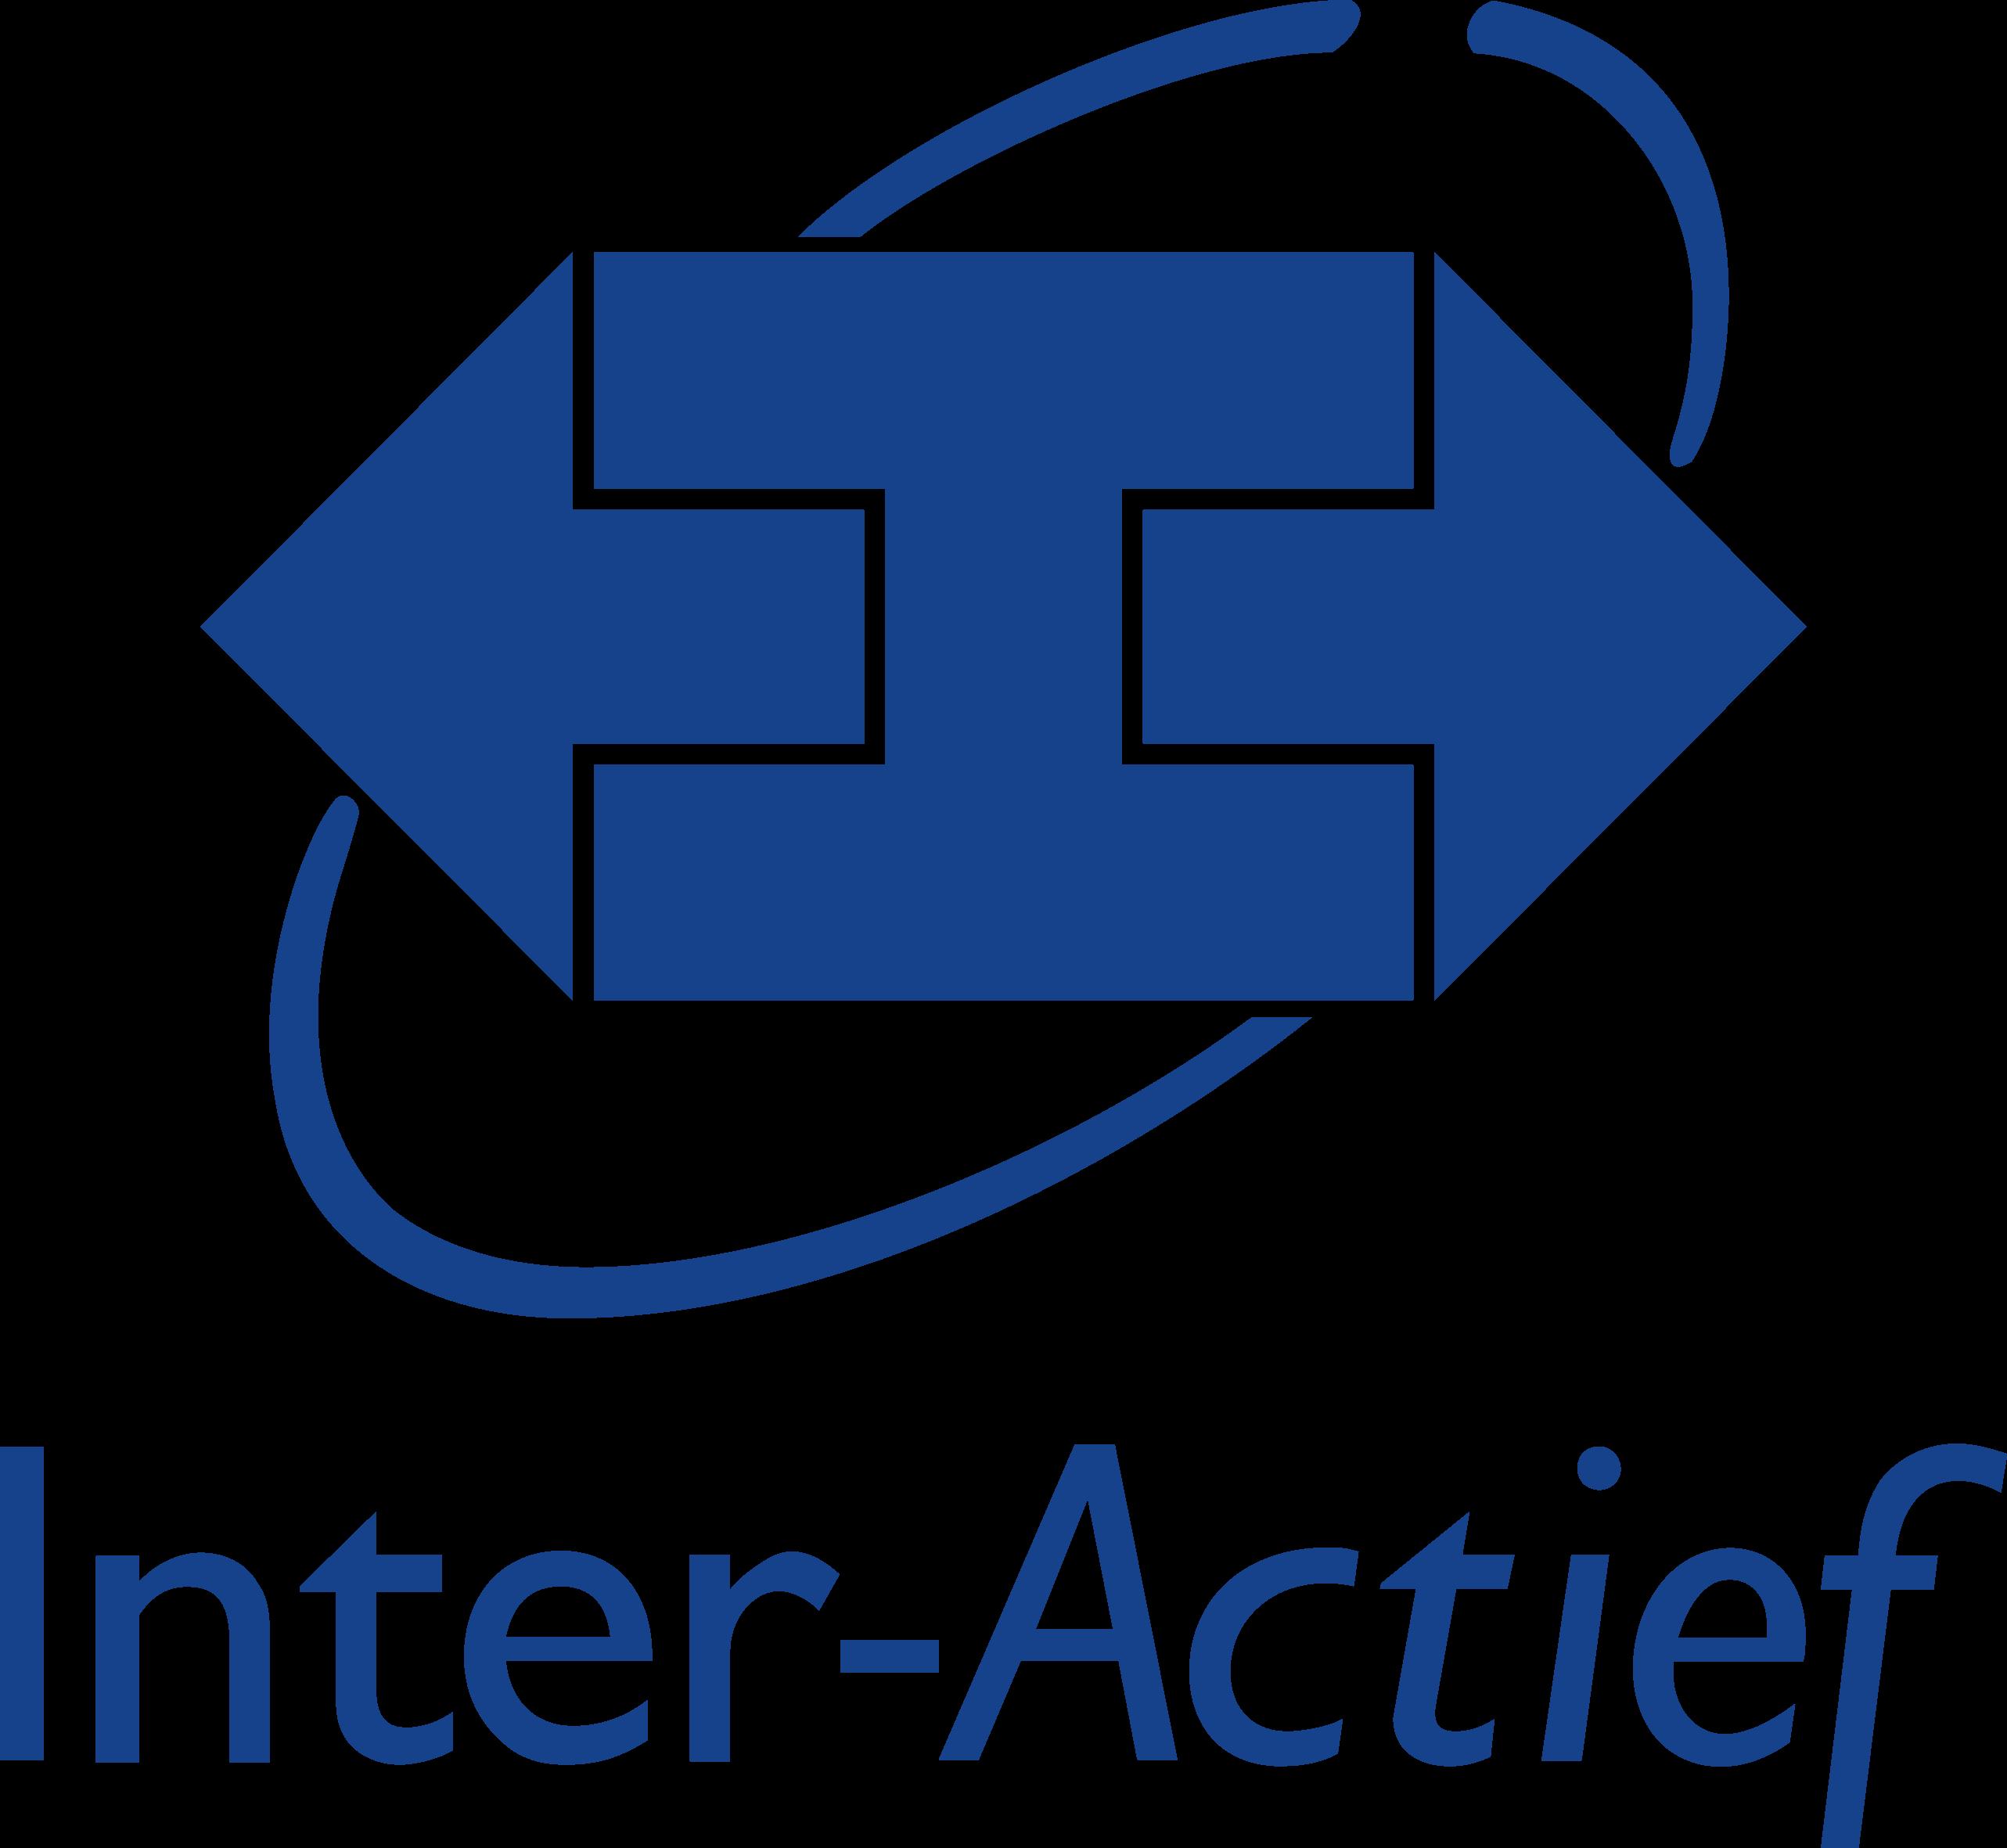 Logo I.C.T.S.V. Inter-Actief